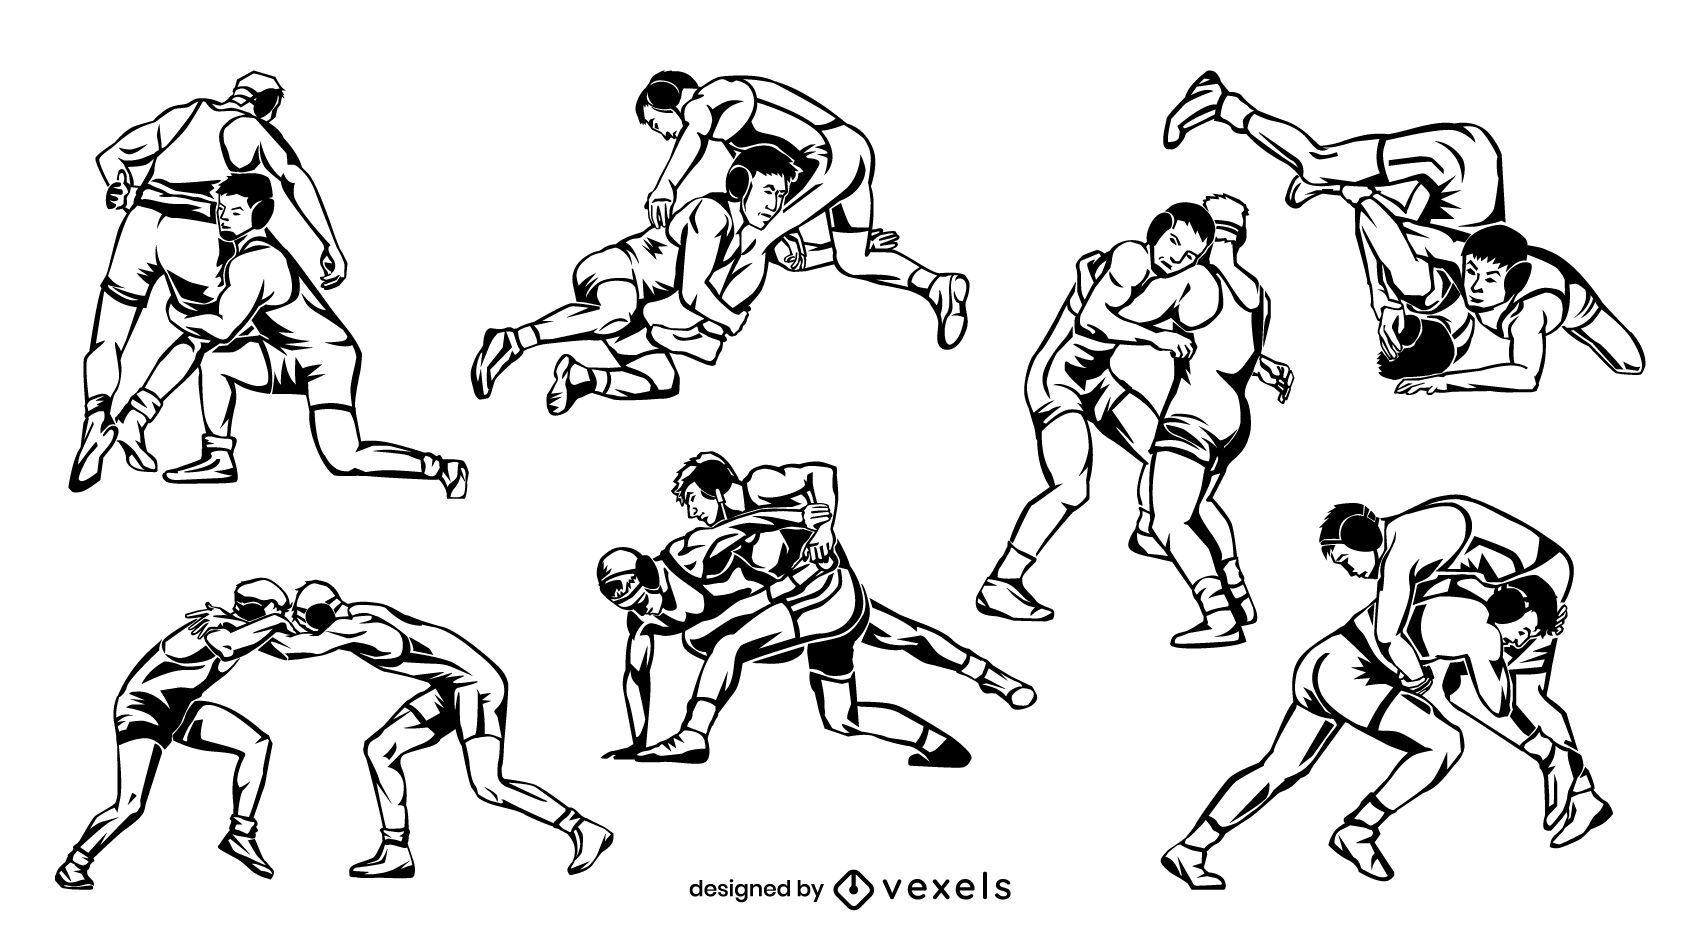 Cenografia de lutadores desenhados ? m?o